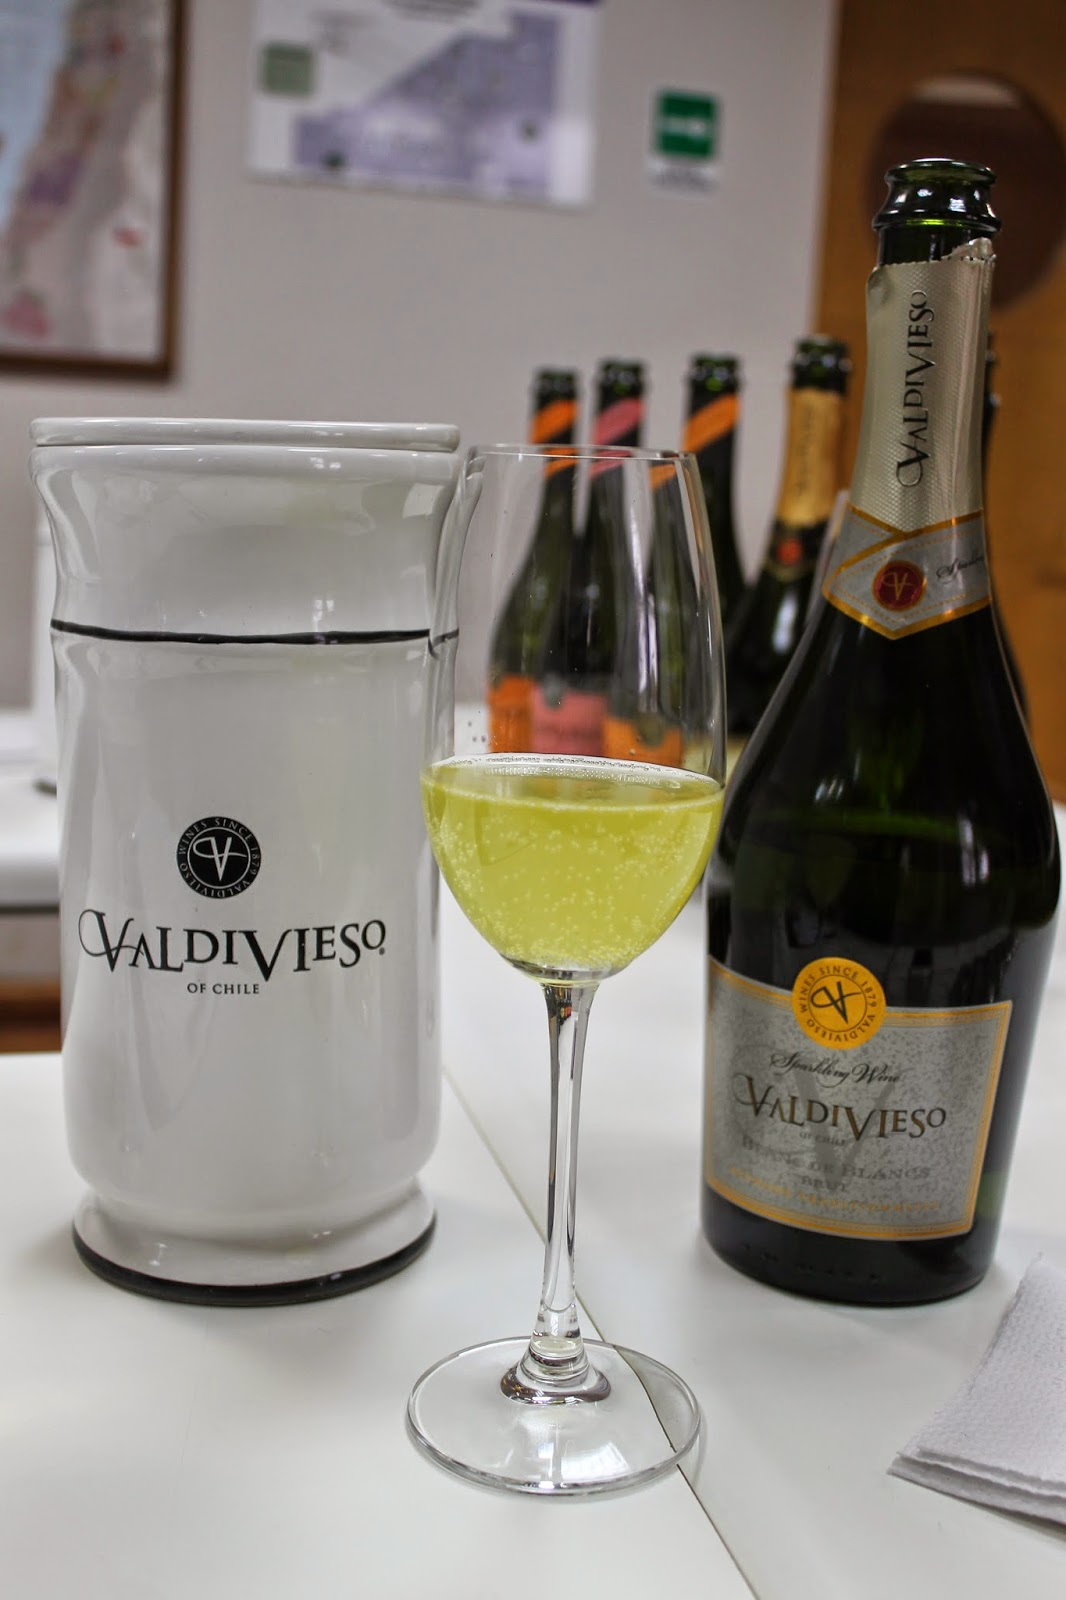 Chilean sparkling wine